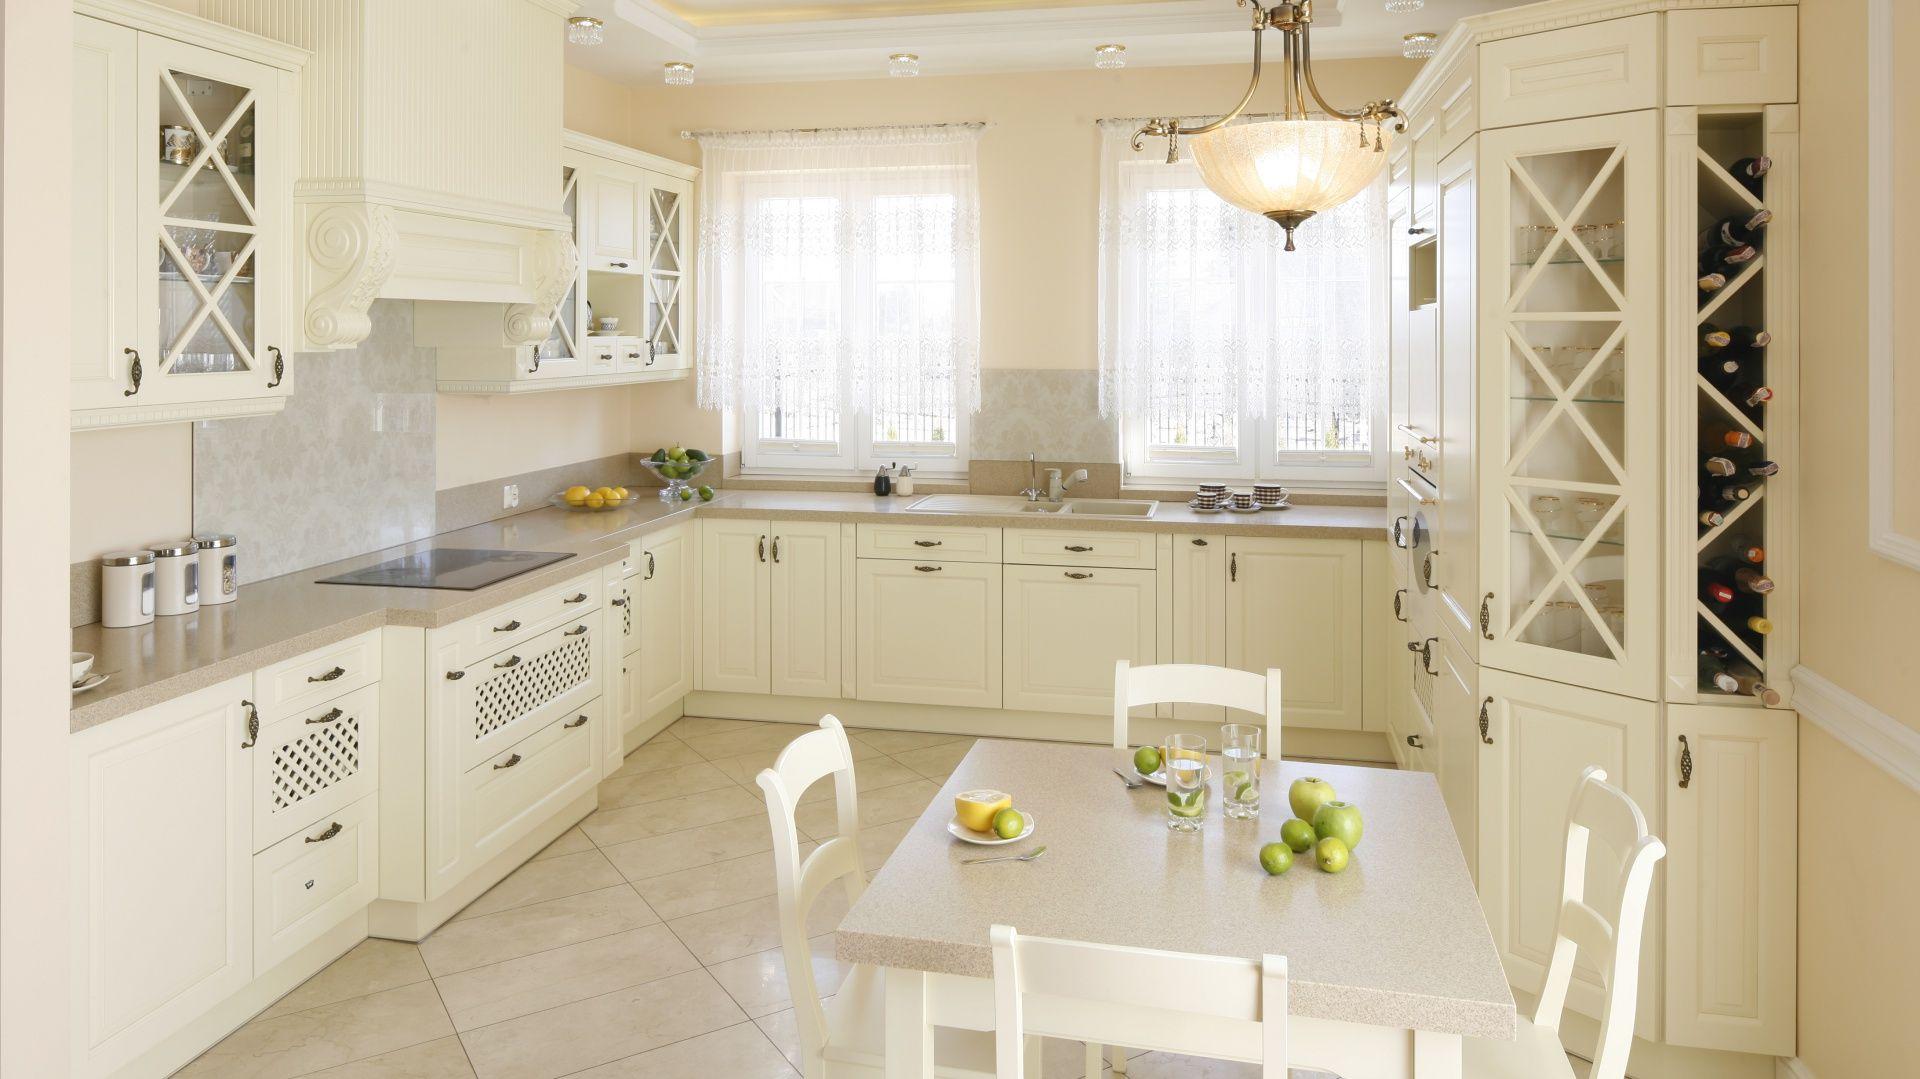 meble kuchenne klasyczne black red white - szukaj w google ... - Landhauskchen Mediterran